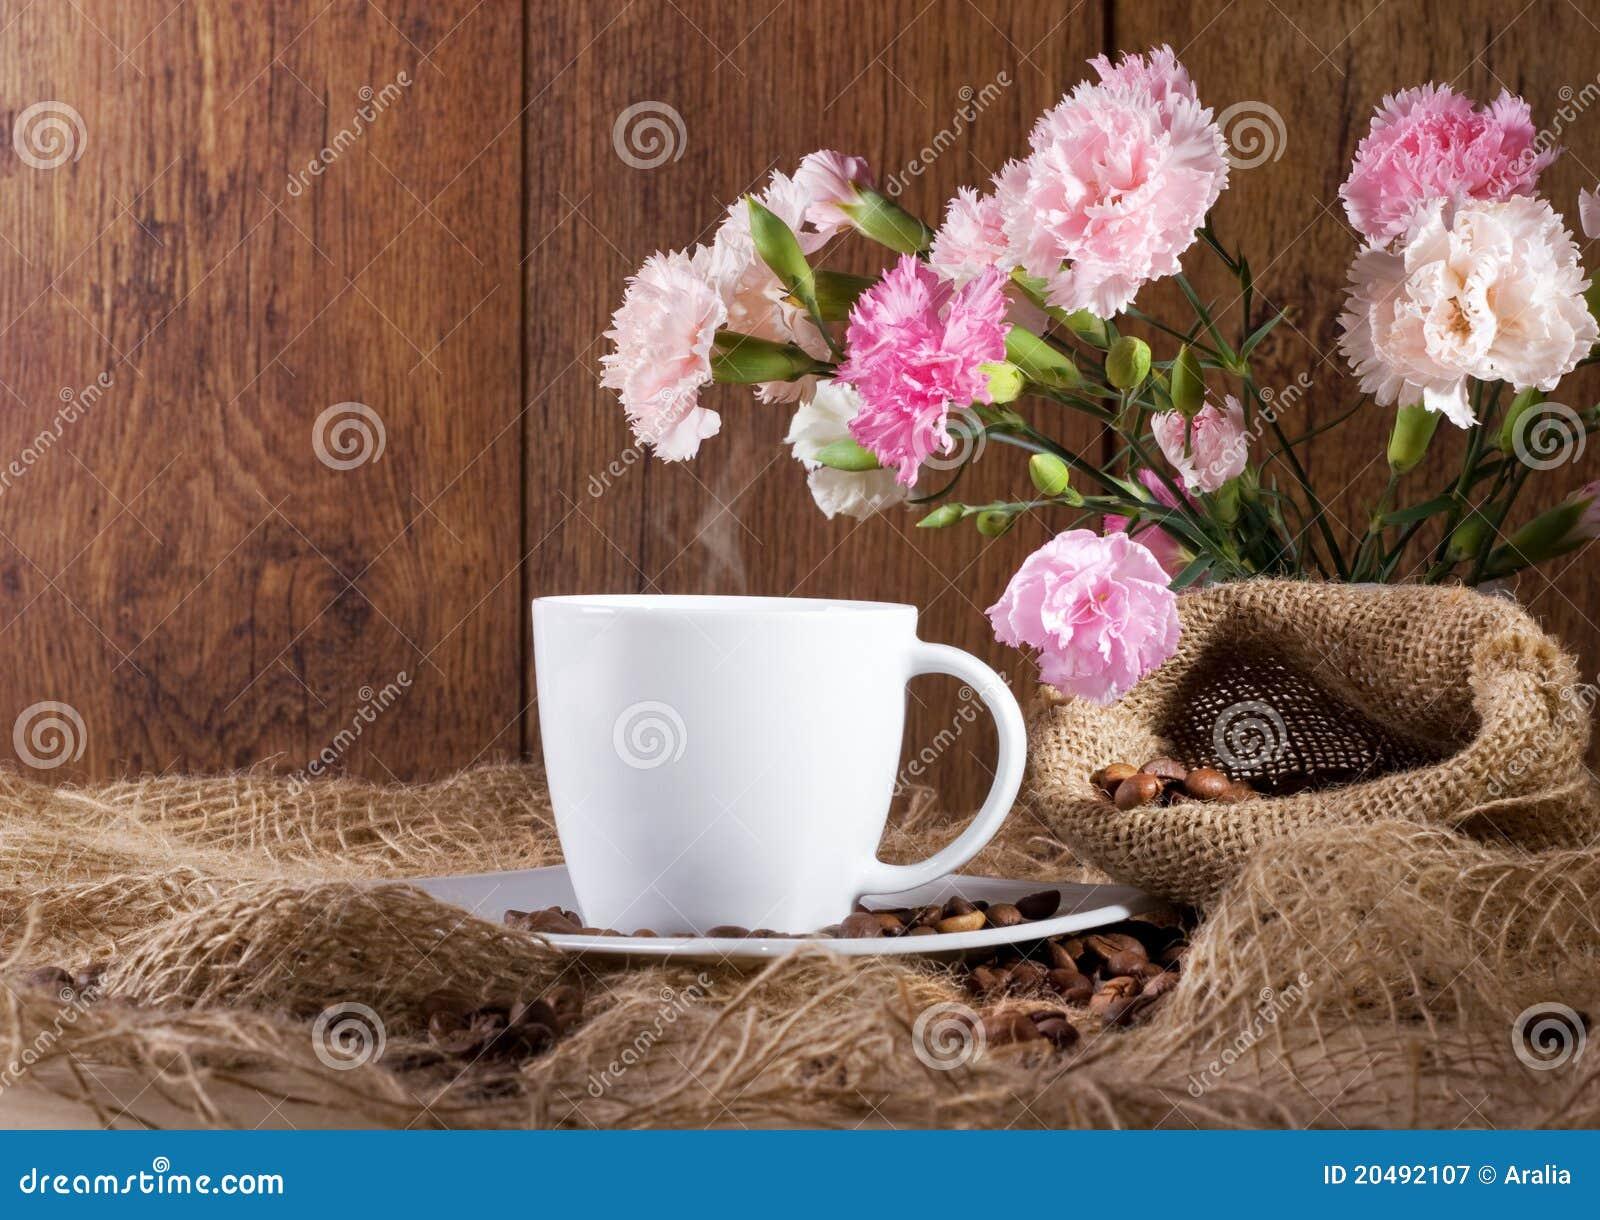 цветы и кофе фото: